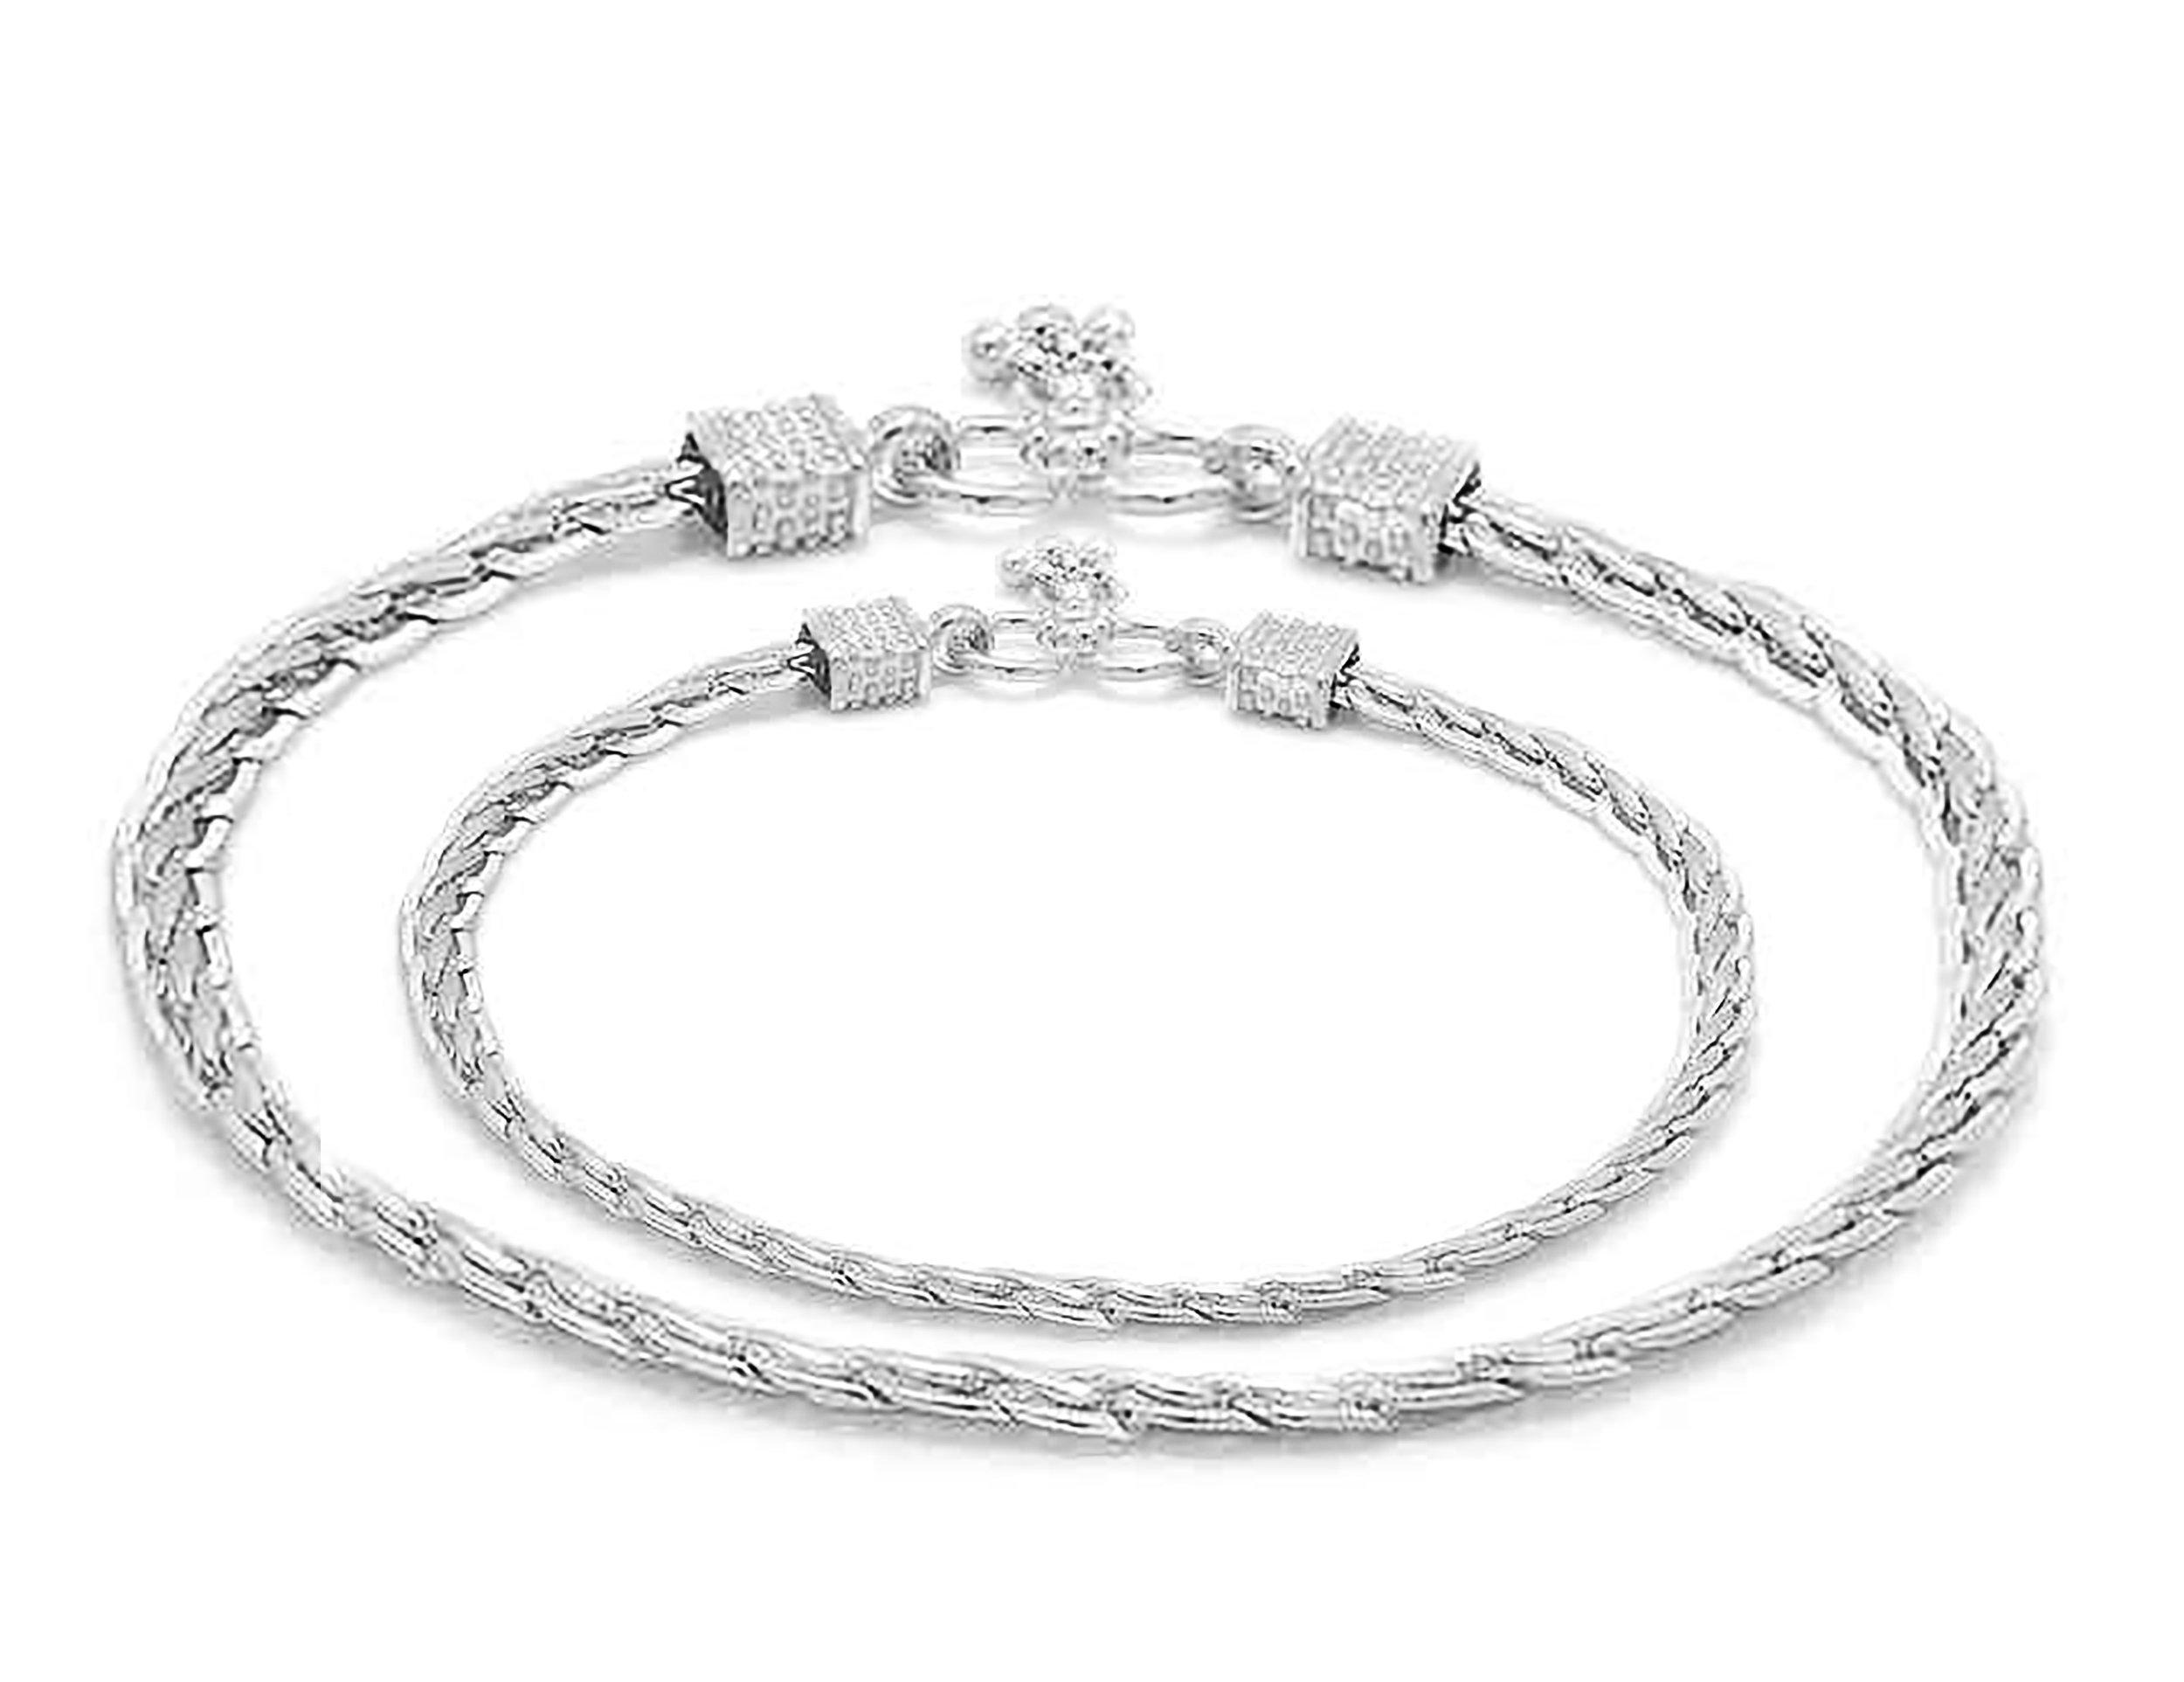 D&D Crafts Sterling Silver Link Anklets For Girls, Women